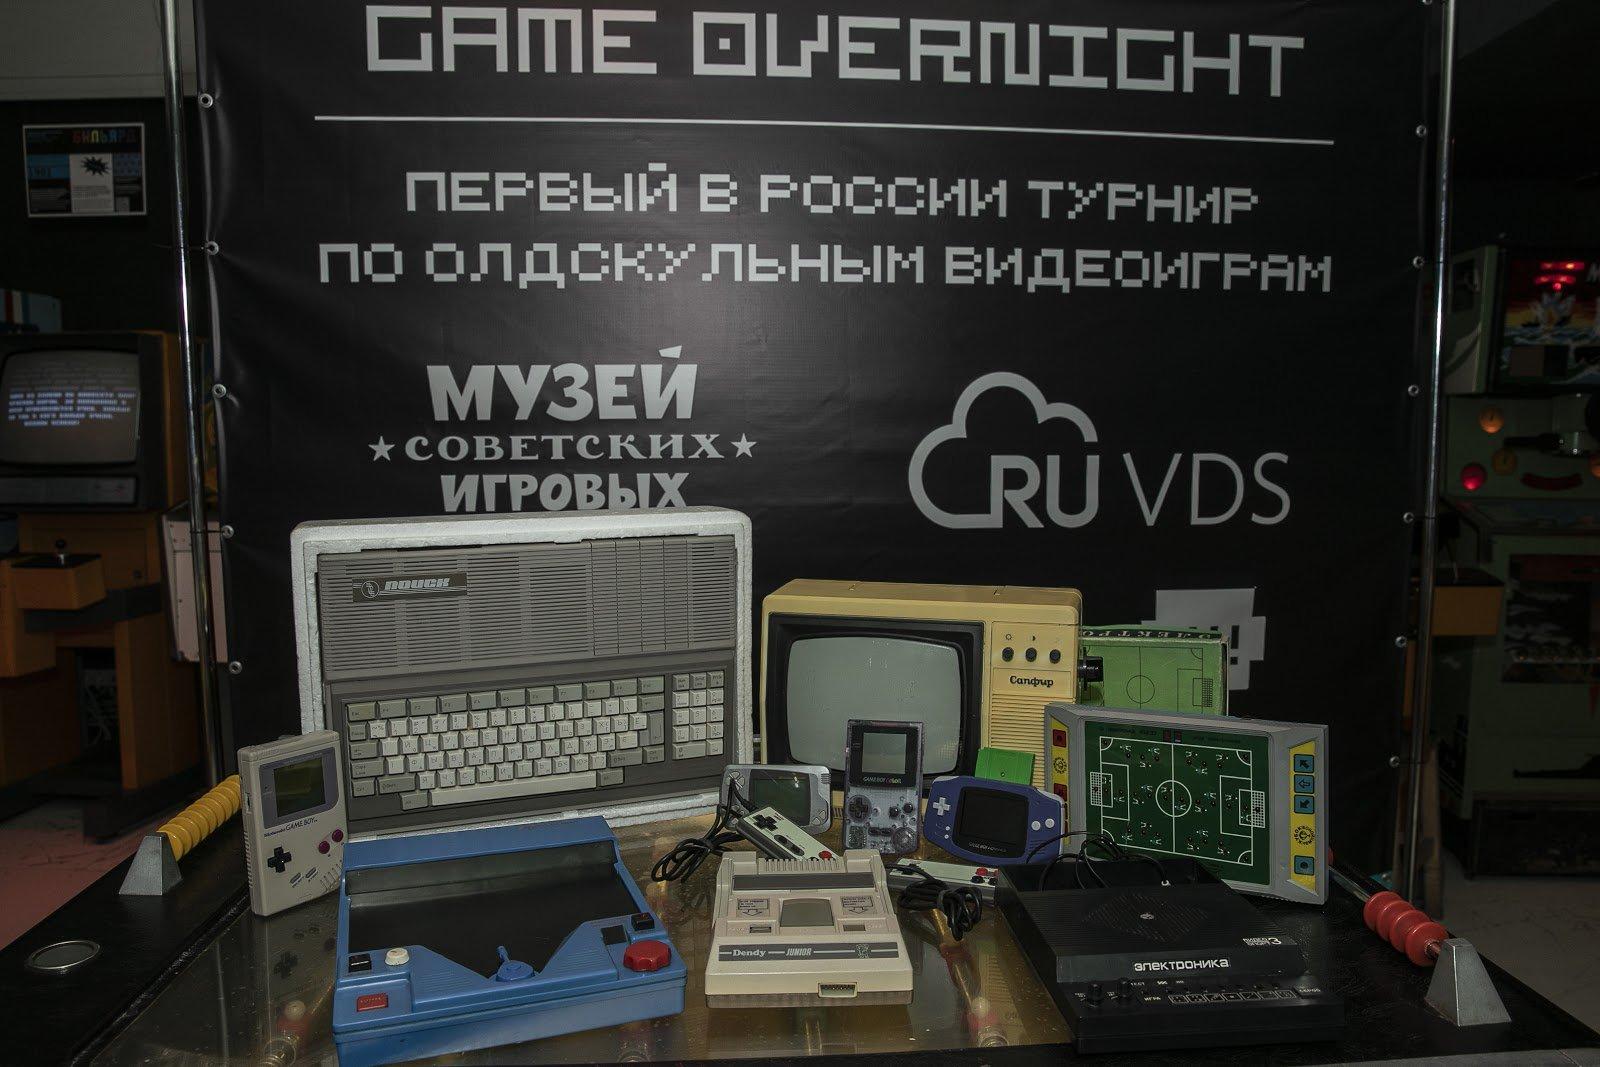 В России прошел первый турнир по старым видеоиграм